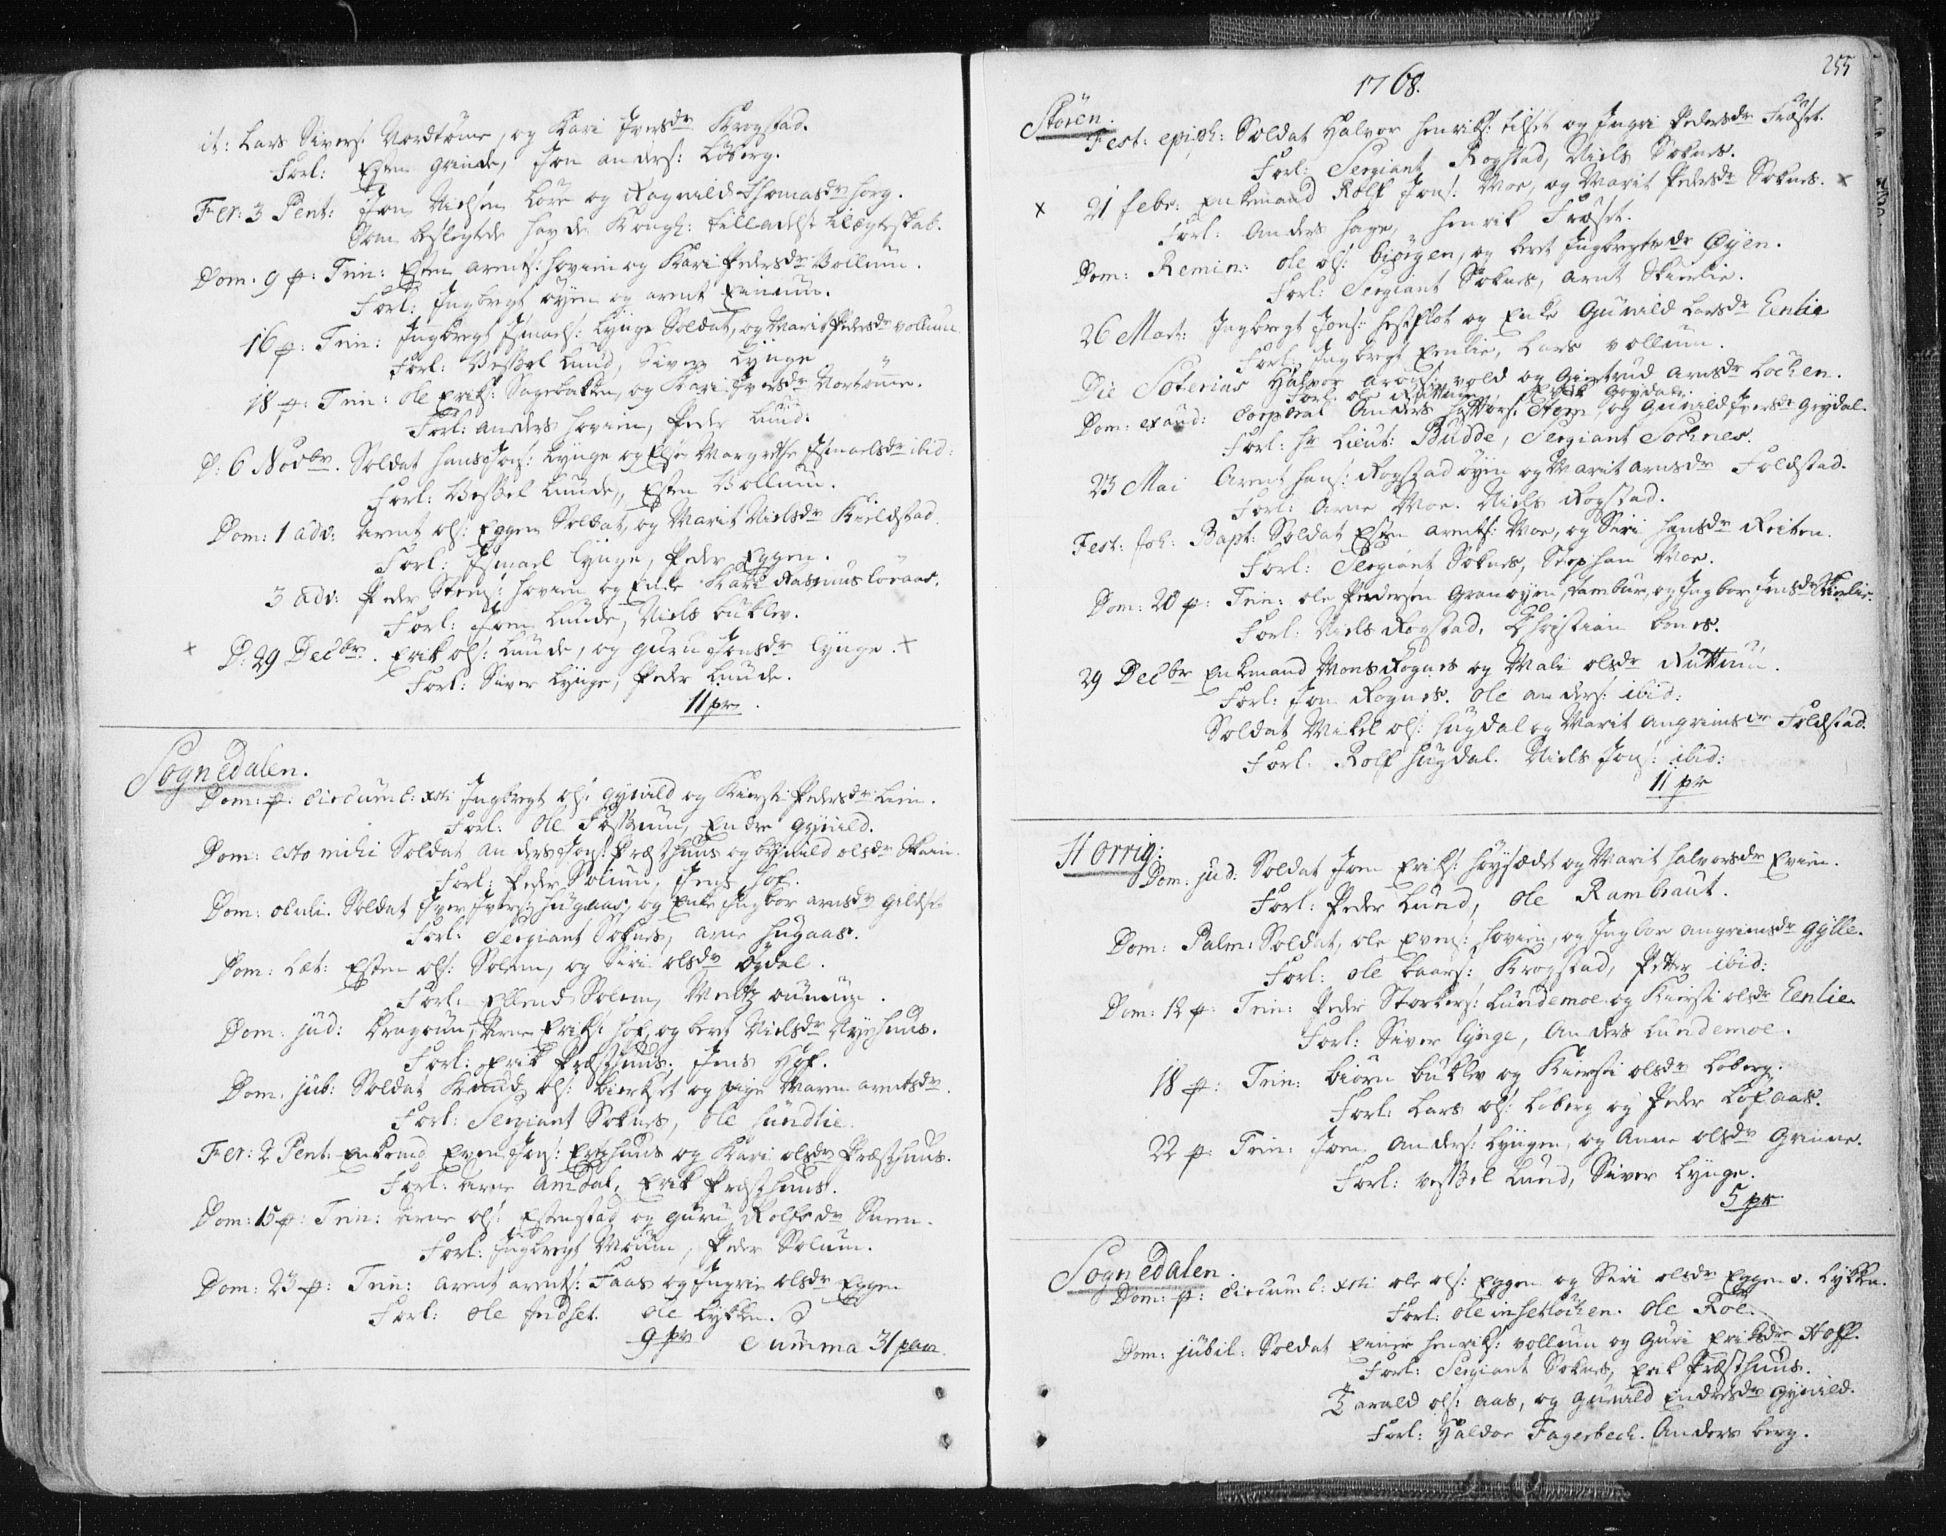 SAT, Ministerialprotokoller, klokkerbøker og fødselsregistre - Sør-Trøndelag, 687/L0991: Ministerialbok nr. 687A02, 1747-1790, s. 255